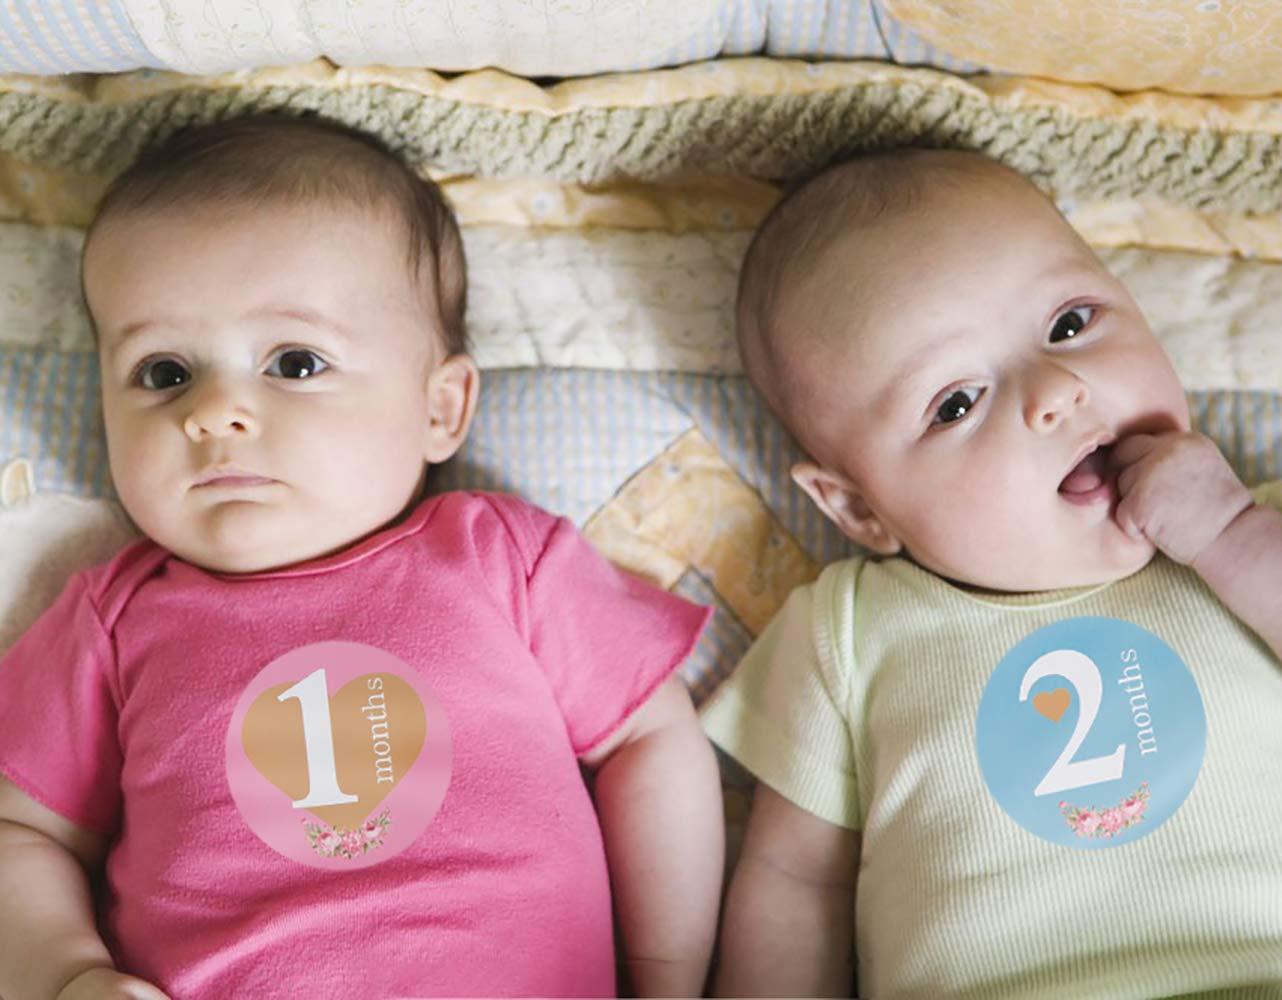 Adorable Baby Meilenstein Aufkleber f/ür Neugeborene M/ädchen Boy ersten Jahr 40er Set beste Baby Shower Registry Geschenk oder Scrapbook Foto Memory Keepsake Baby monatliche Aufkleber -